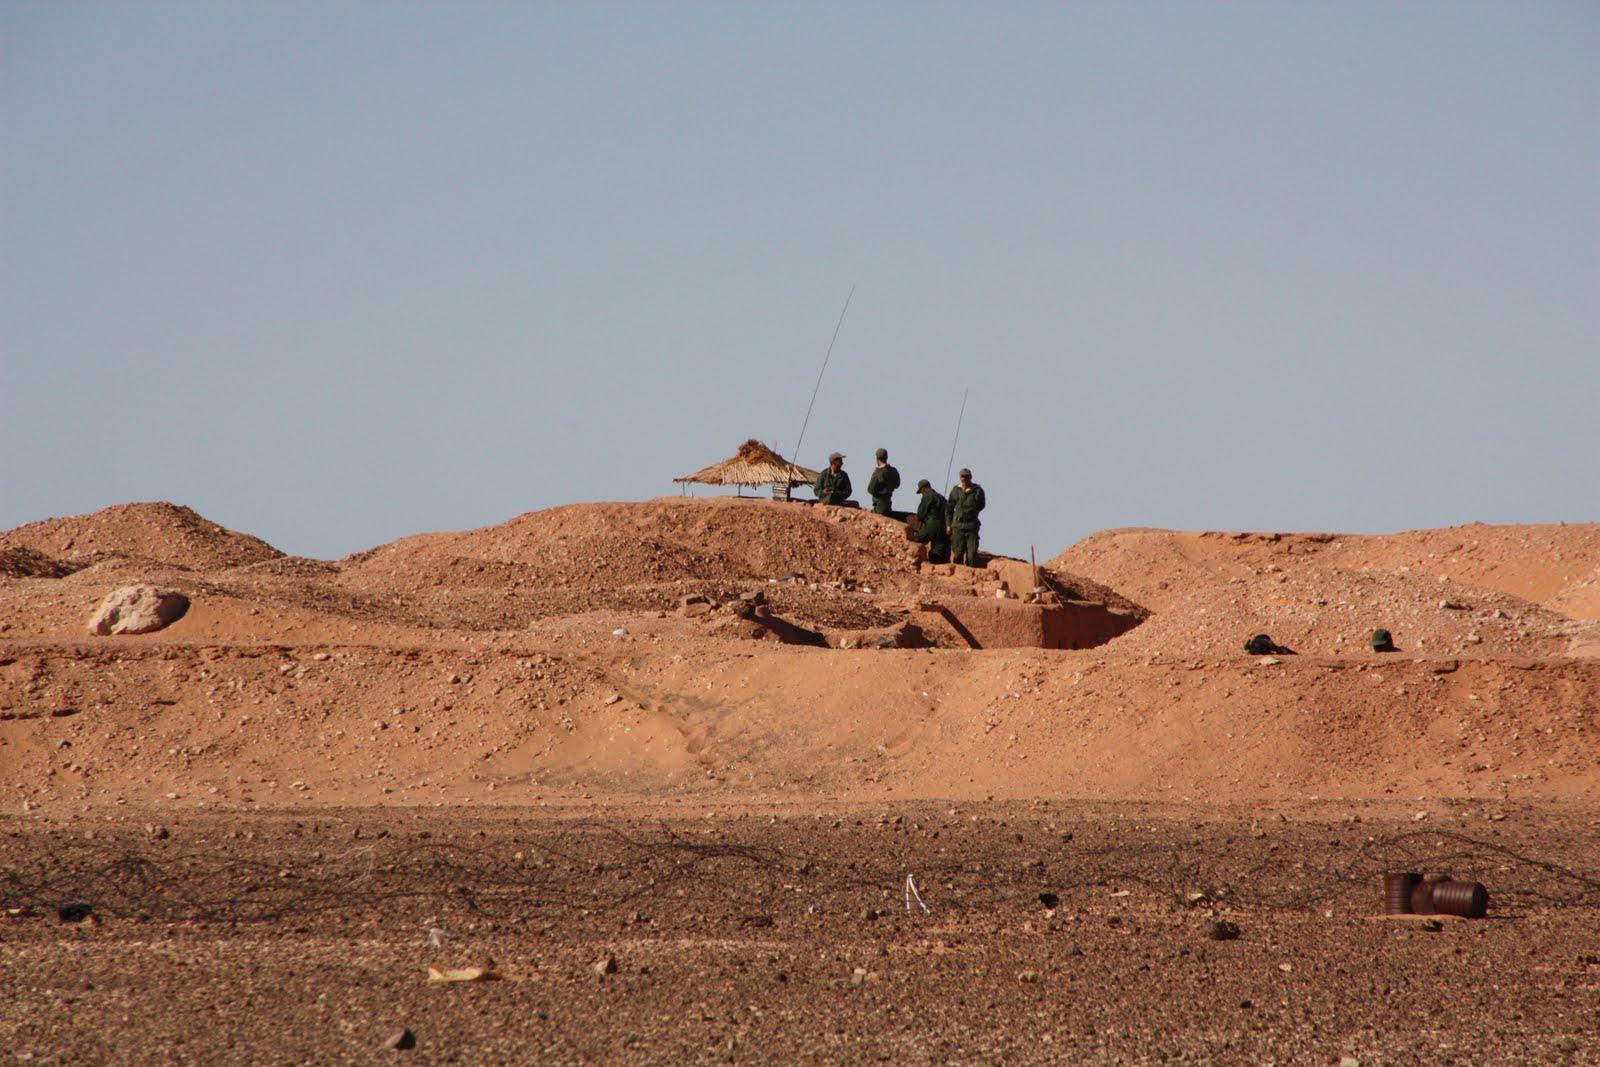 Cartes du Sahara Occidental | SaharaDoc